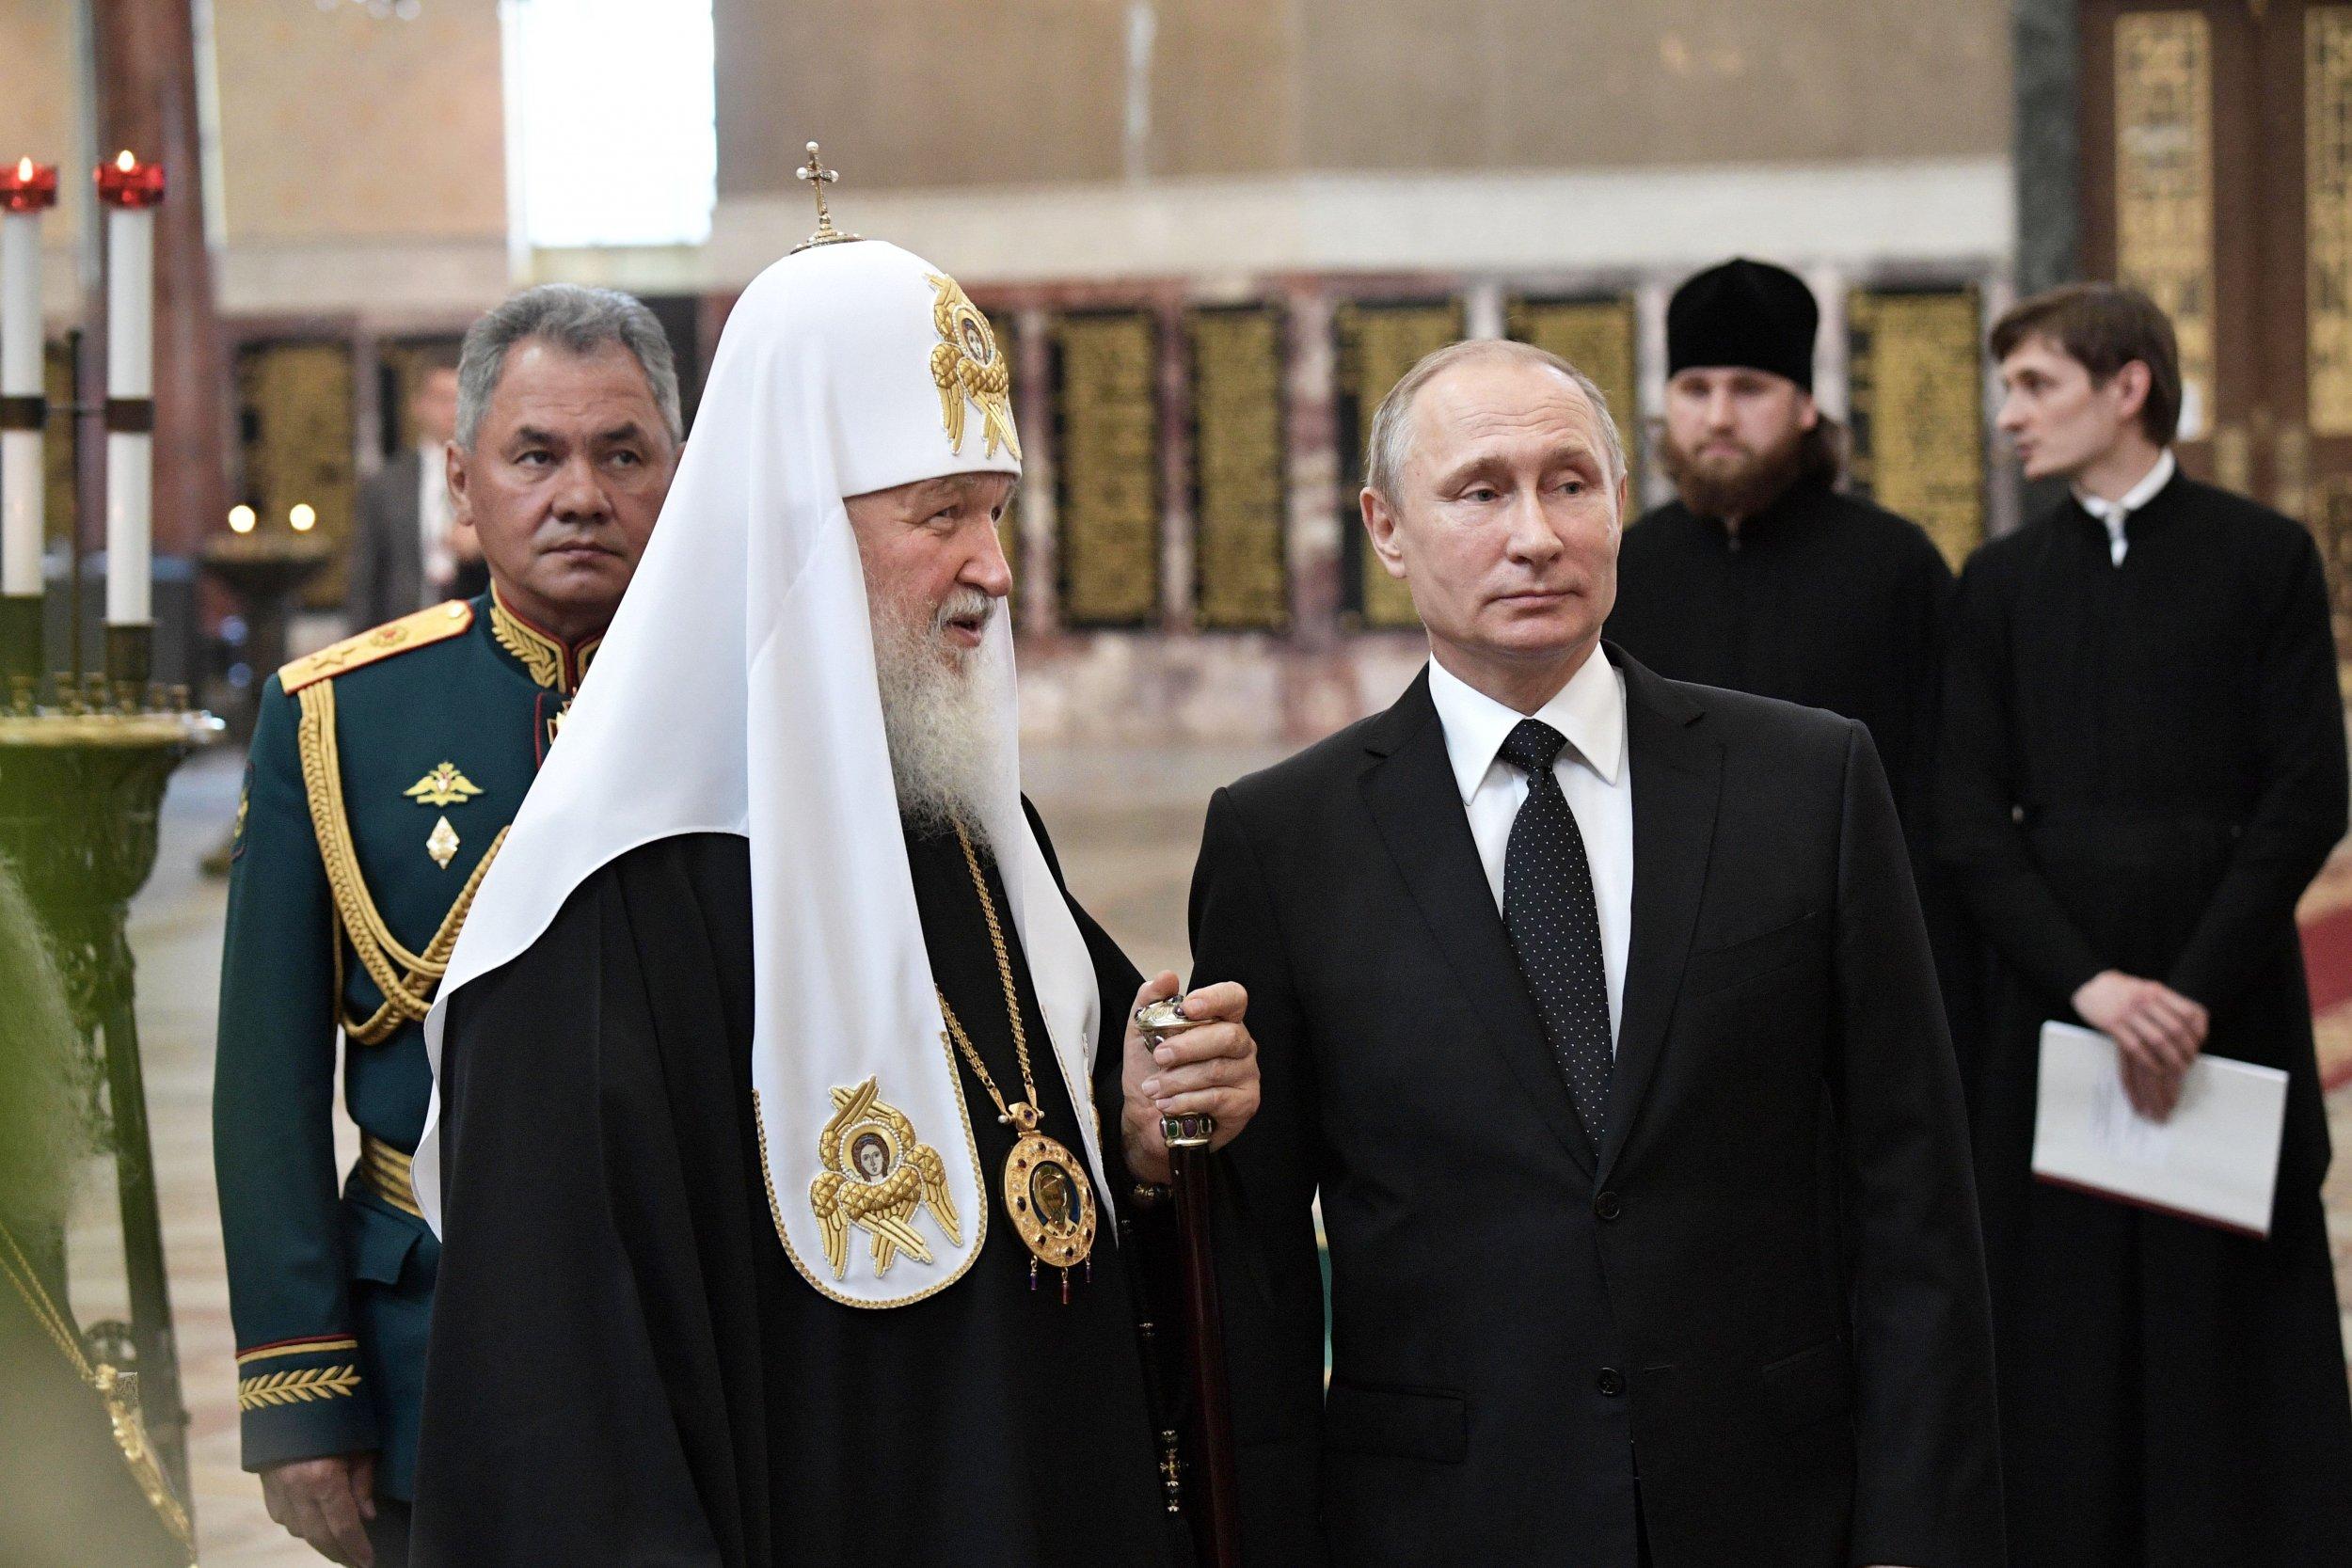 Kết quả hình ảnh cho putin lenin communism christianity